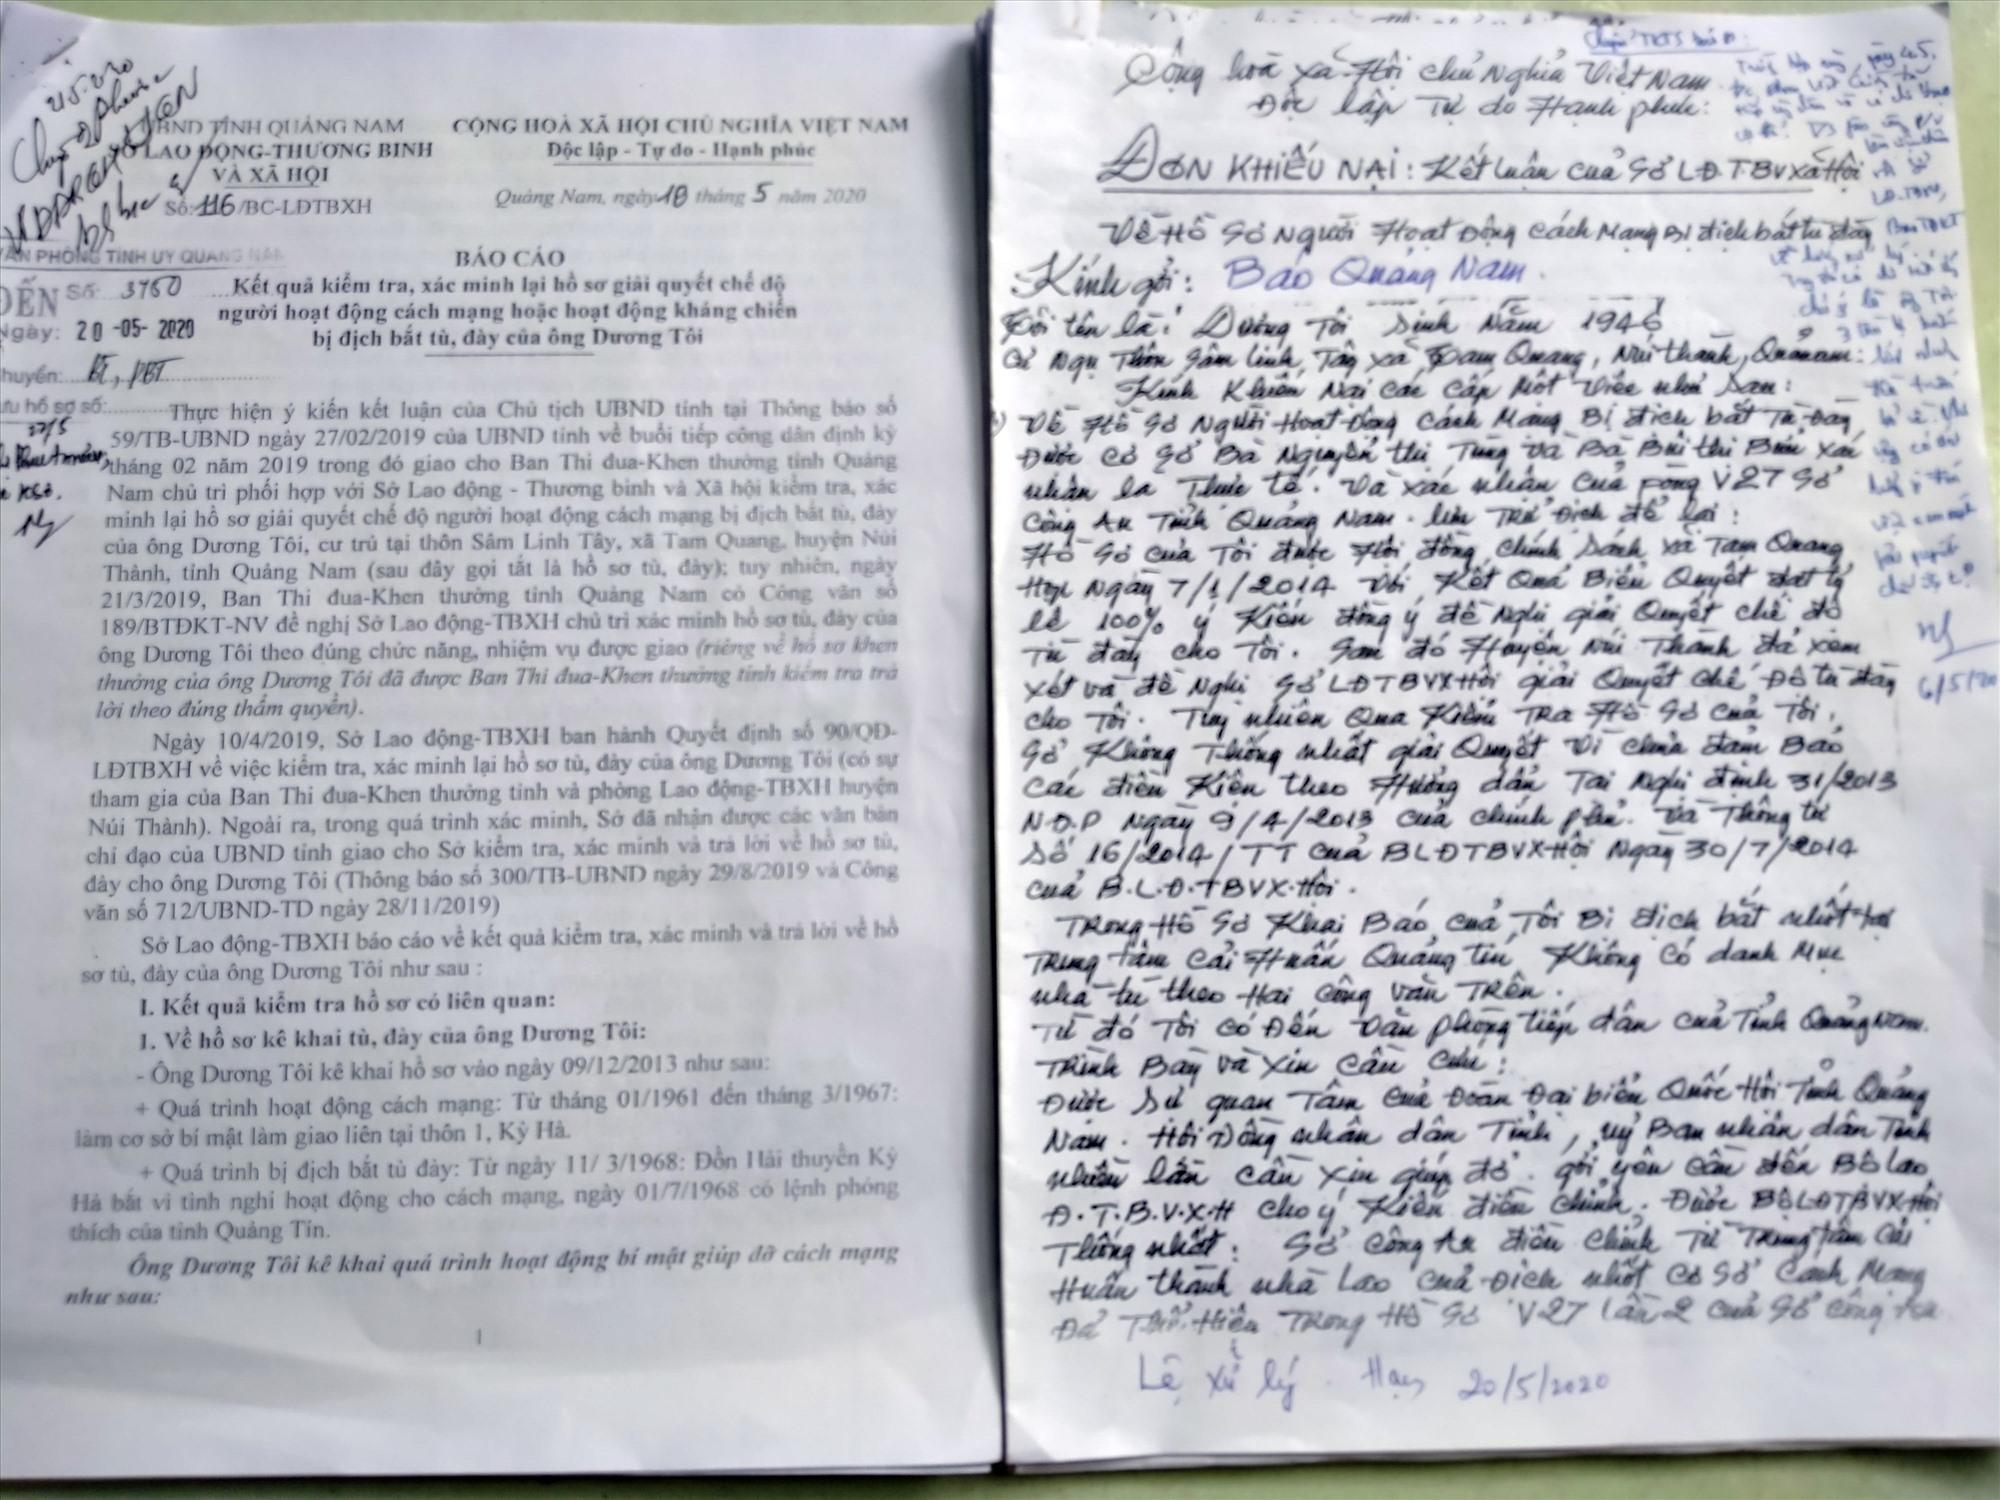 Đơn khiếu nại của ông Dương Tôi và báo cáo của Sở LĐ-TB&XH về kết quả kiểm tra, xác minh lại hồ sơ giải quyết chế độ tù đày của ông Tôi. Ảnh: N.Đ